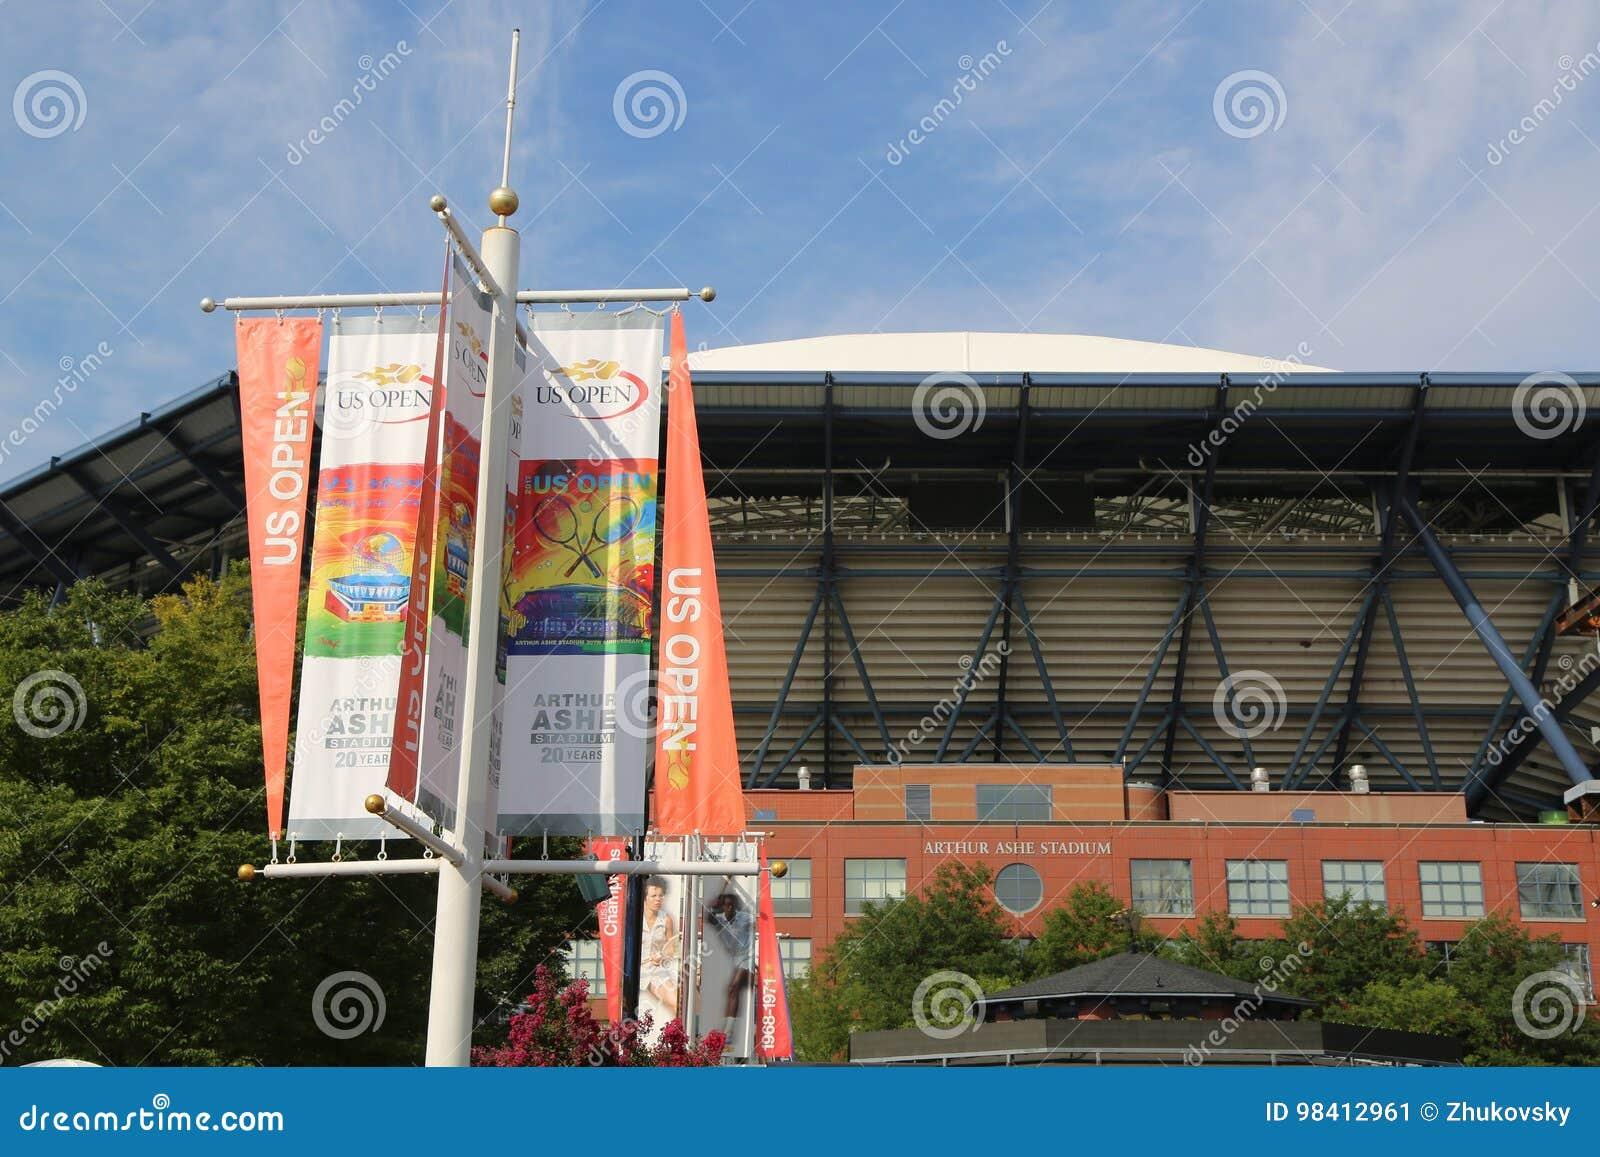 Arthur Ashe Stadium viert 20ste Verjaardag in Billie Jean King National Tennis Center